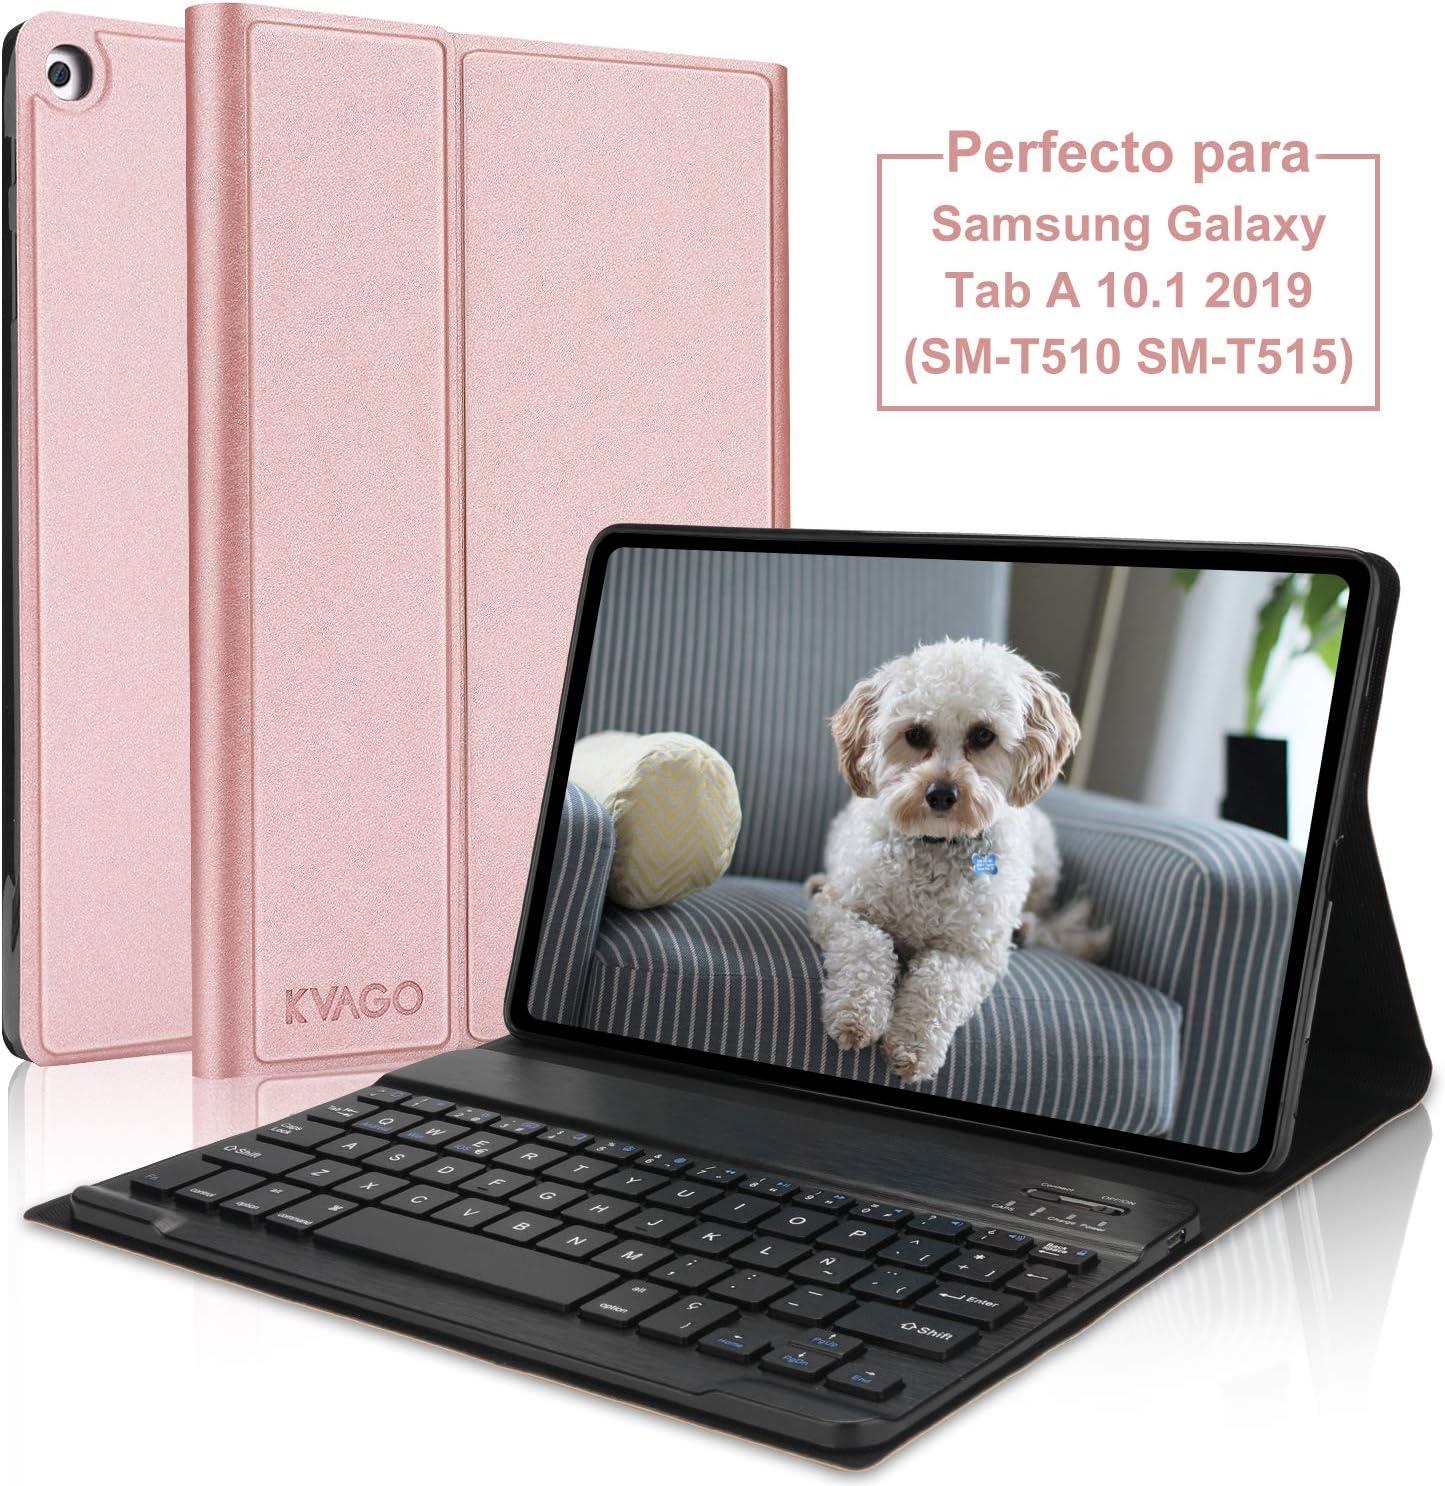 KVAGO Funda con Teclado Español Ñ para Samsung Galaxy Tab A 10.1 2019 con Teclado Bluetooth Inalámbrico,Slim PU Protectora Carcasa Cover para Samsung Tab A 10.1 T510/T515 2019, Oro Rosa